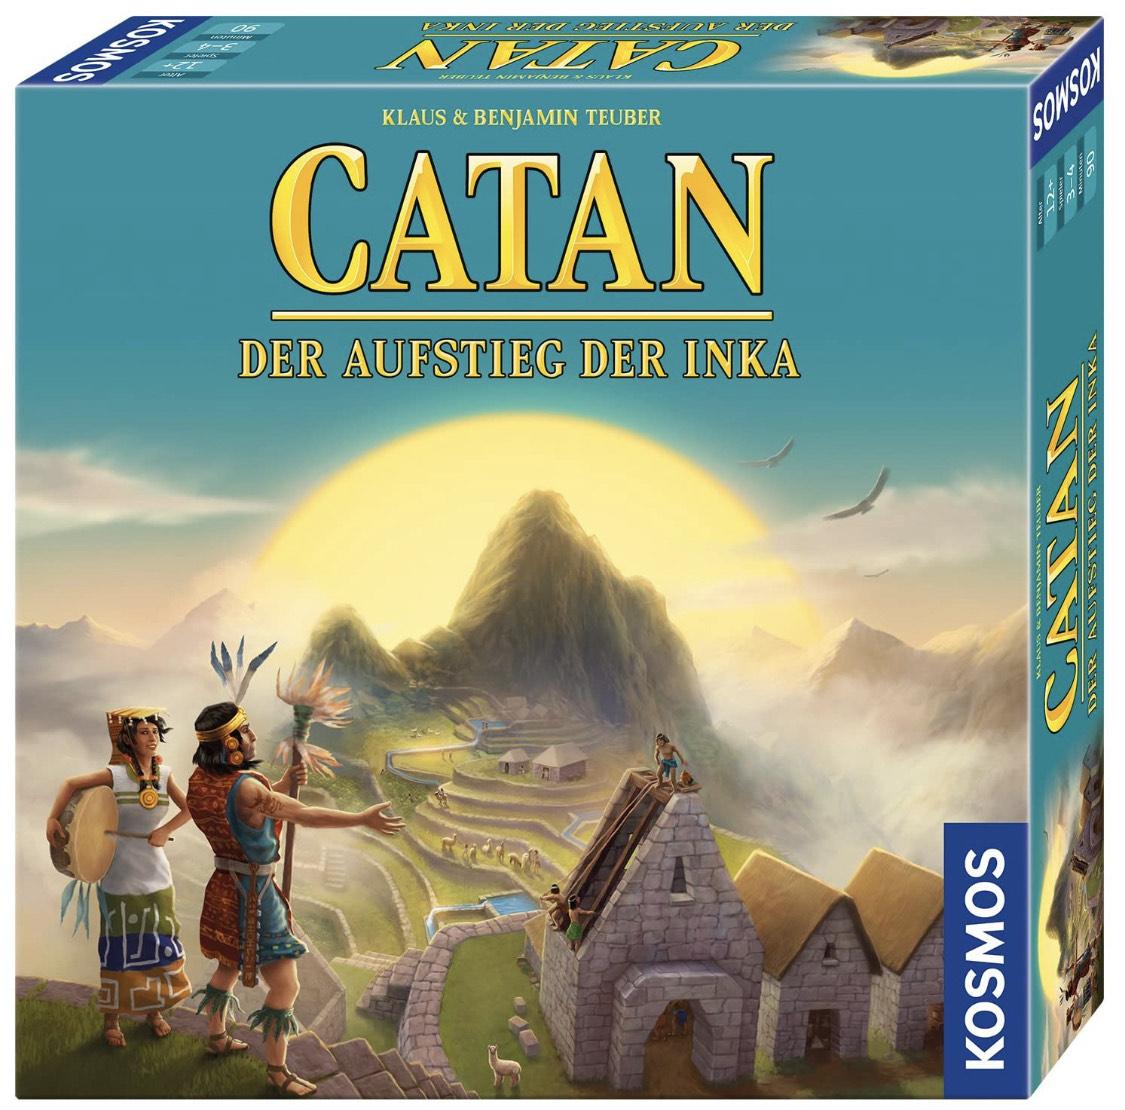 Catan - Aufstieg der Inka (Siedler von, Brettspiel, Gesellschaftsspiel, Teuber)